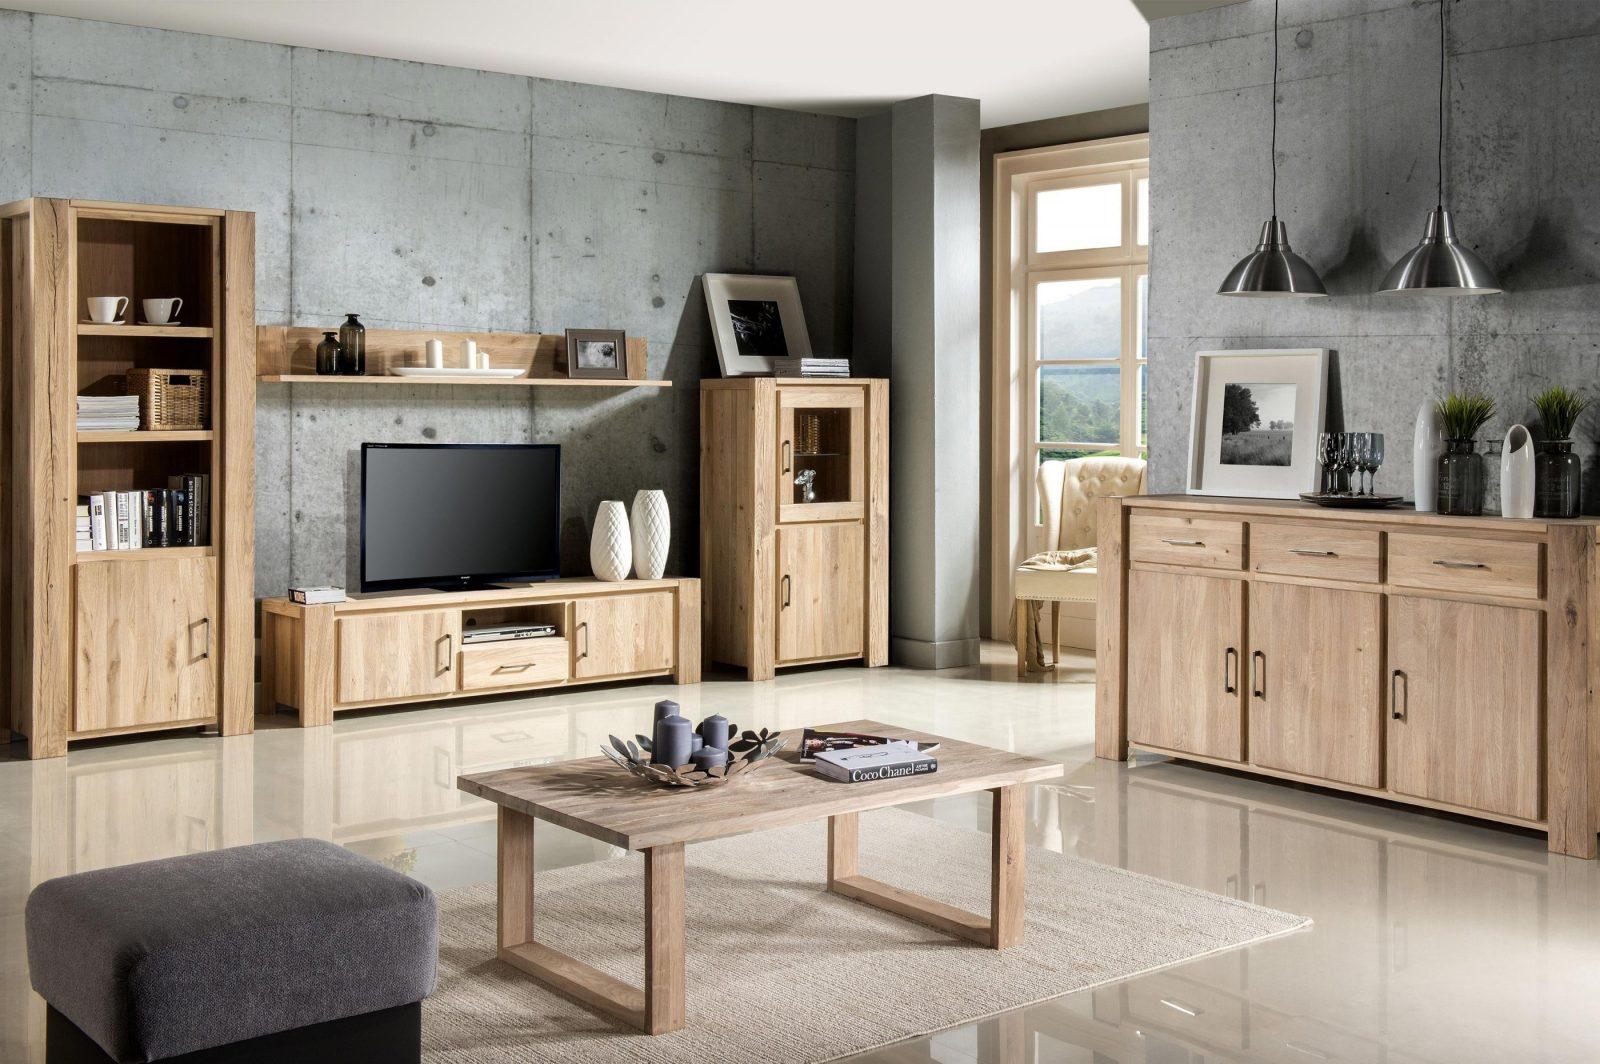 Ratgeber Eichenholz  Möbel Online Kaufen  Günstig Im Onlineshop von Welche Farbe Passt Zu Eiche Natur Photo